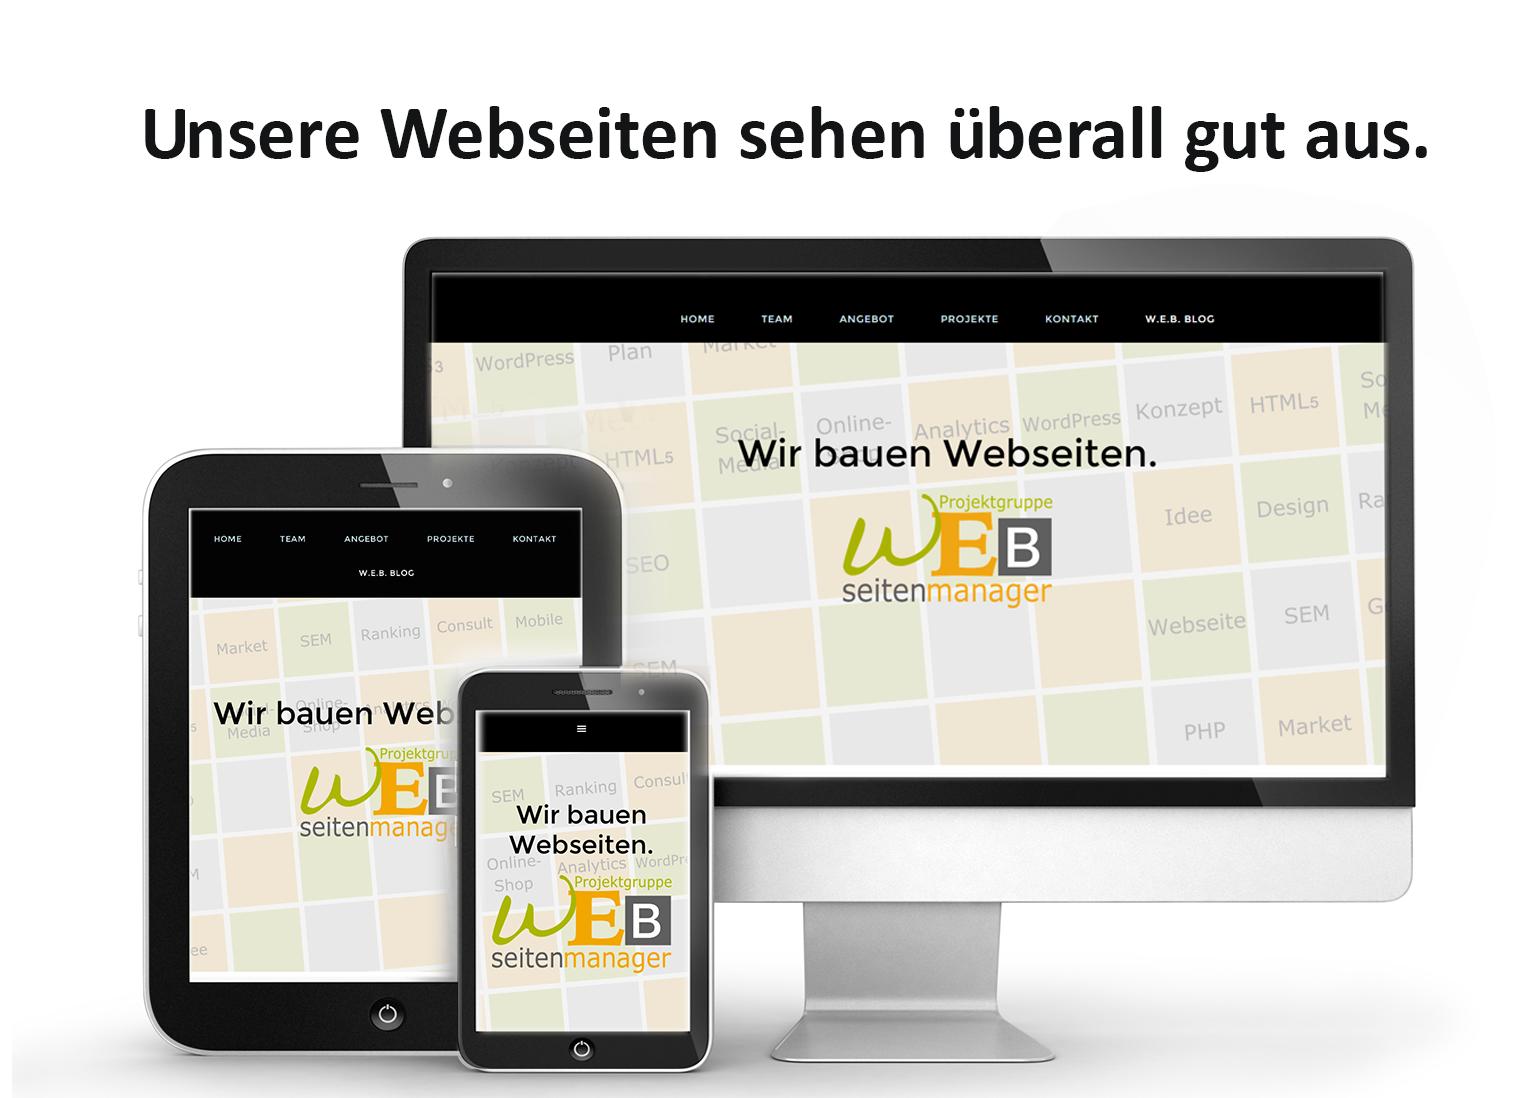 Tourismus in Radolfzell im Wandel:  Smartphones und Tablets und die Bedeutung responsiver Internetseiten